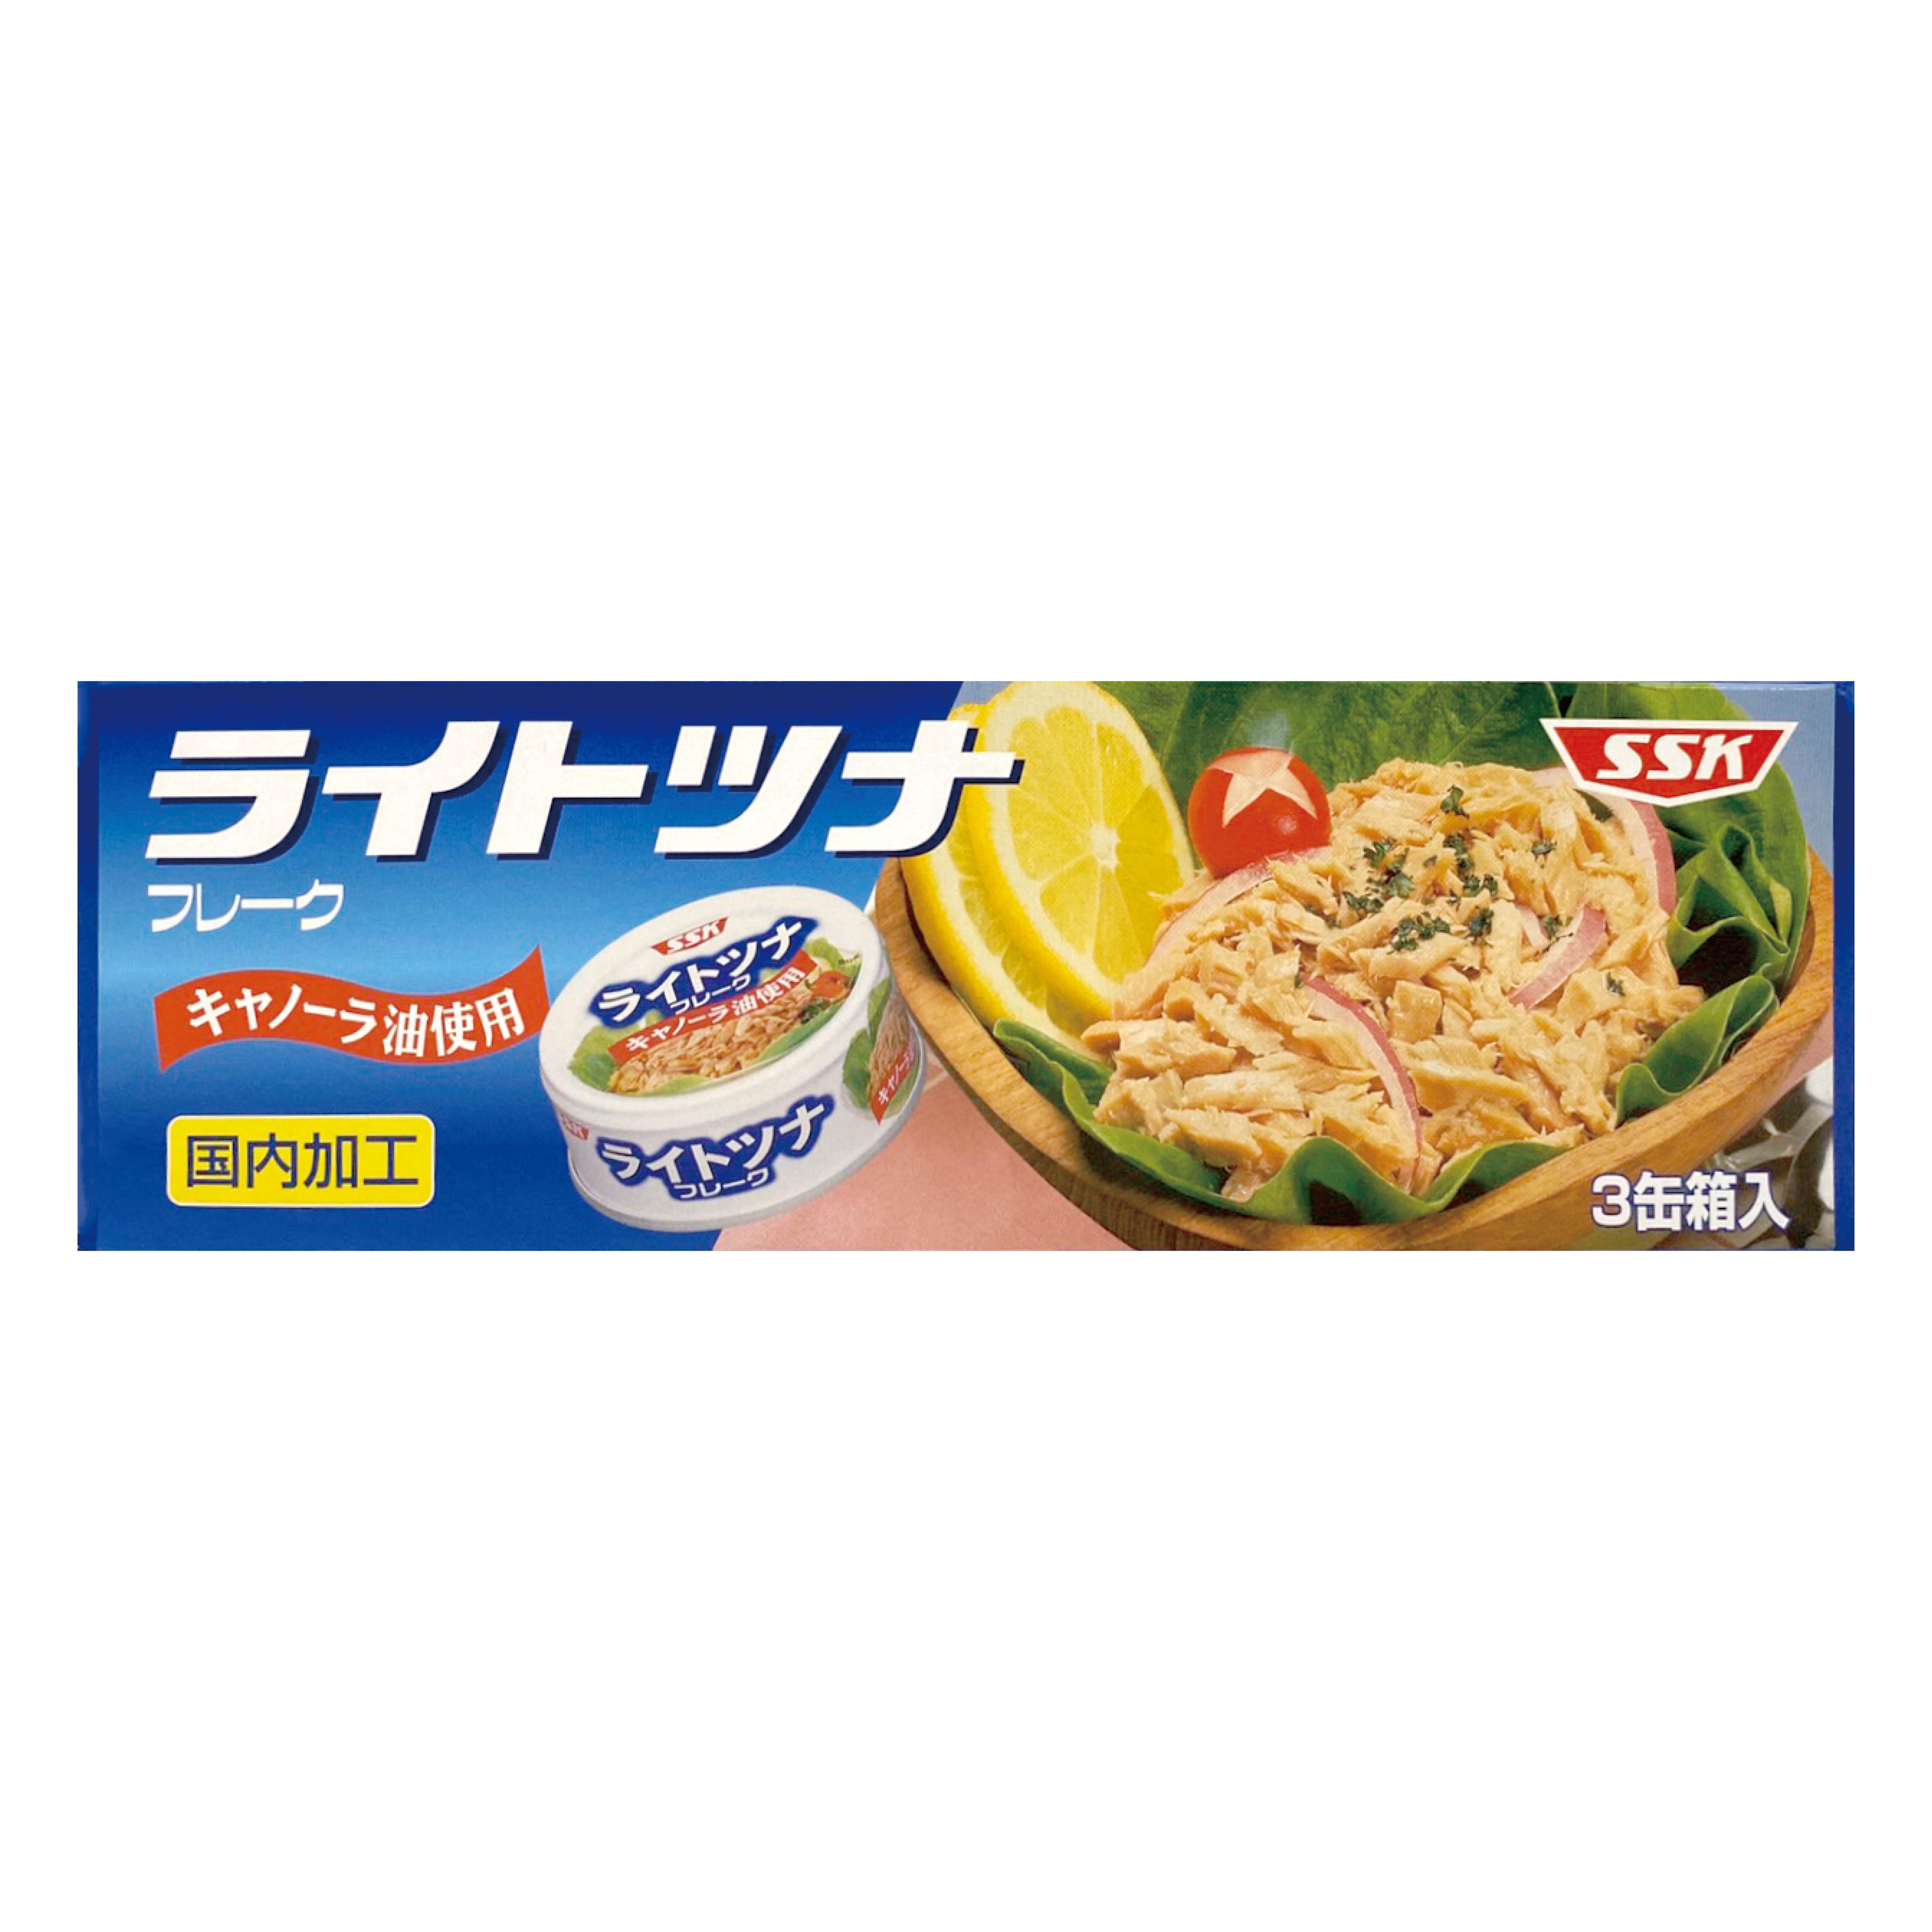 日本 SSK 3罐裝 油漬 鮪魚 罐頭 210g 鮪魚罐